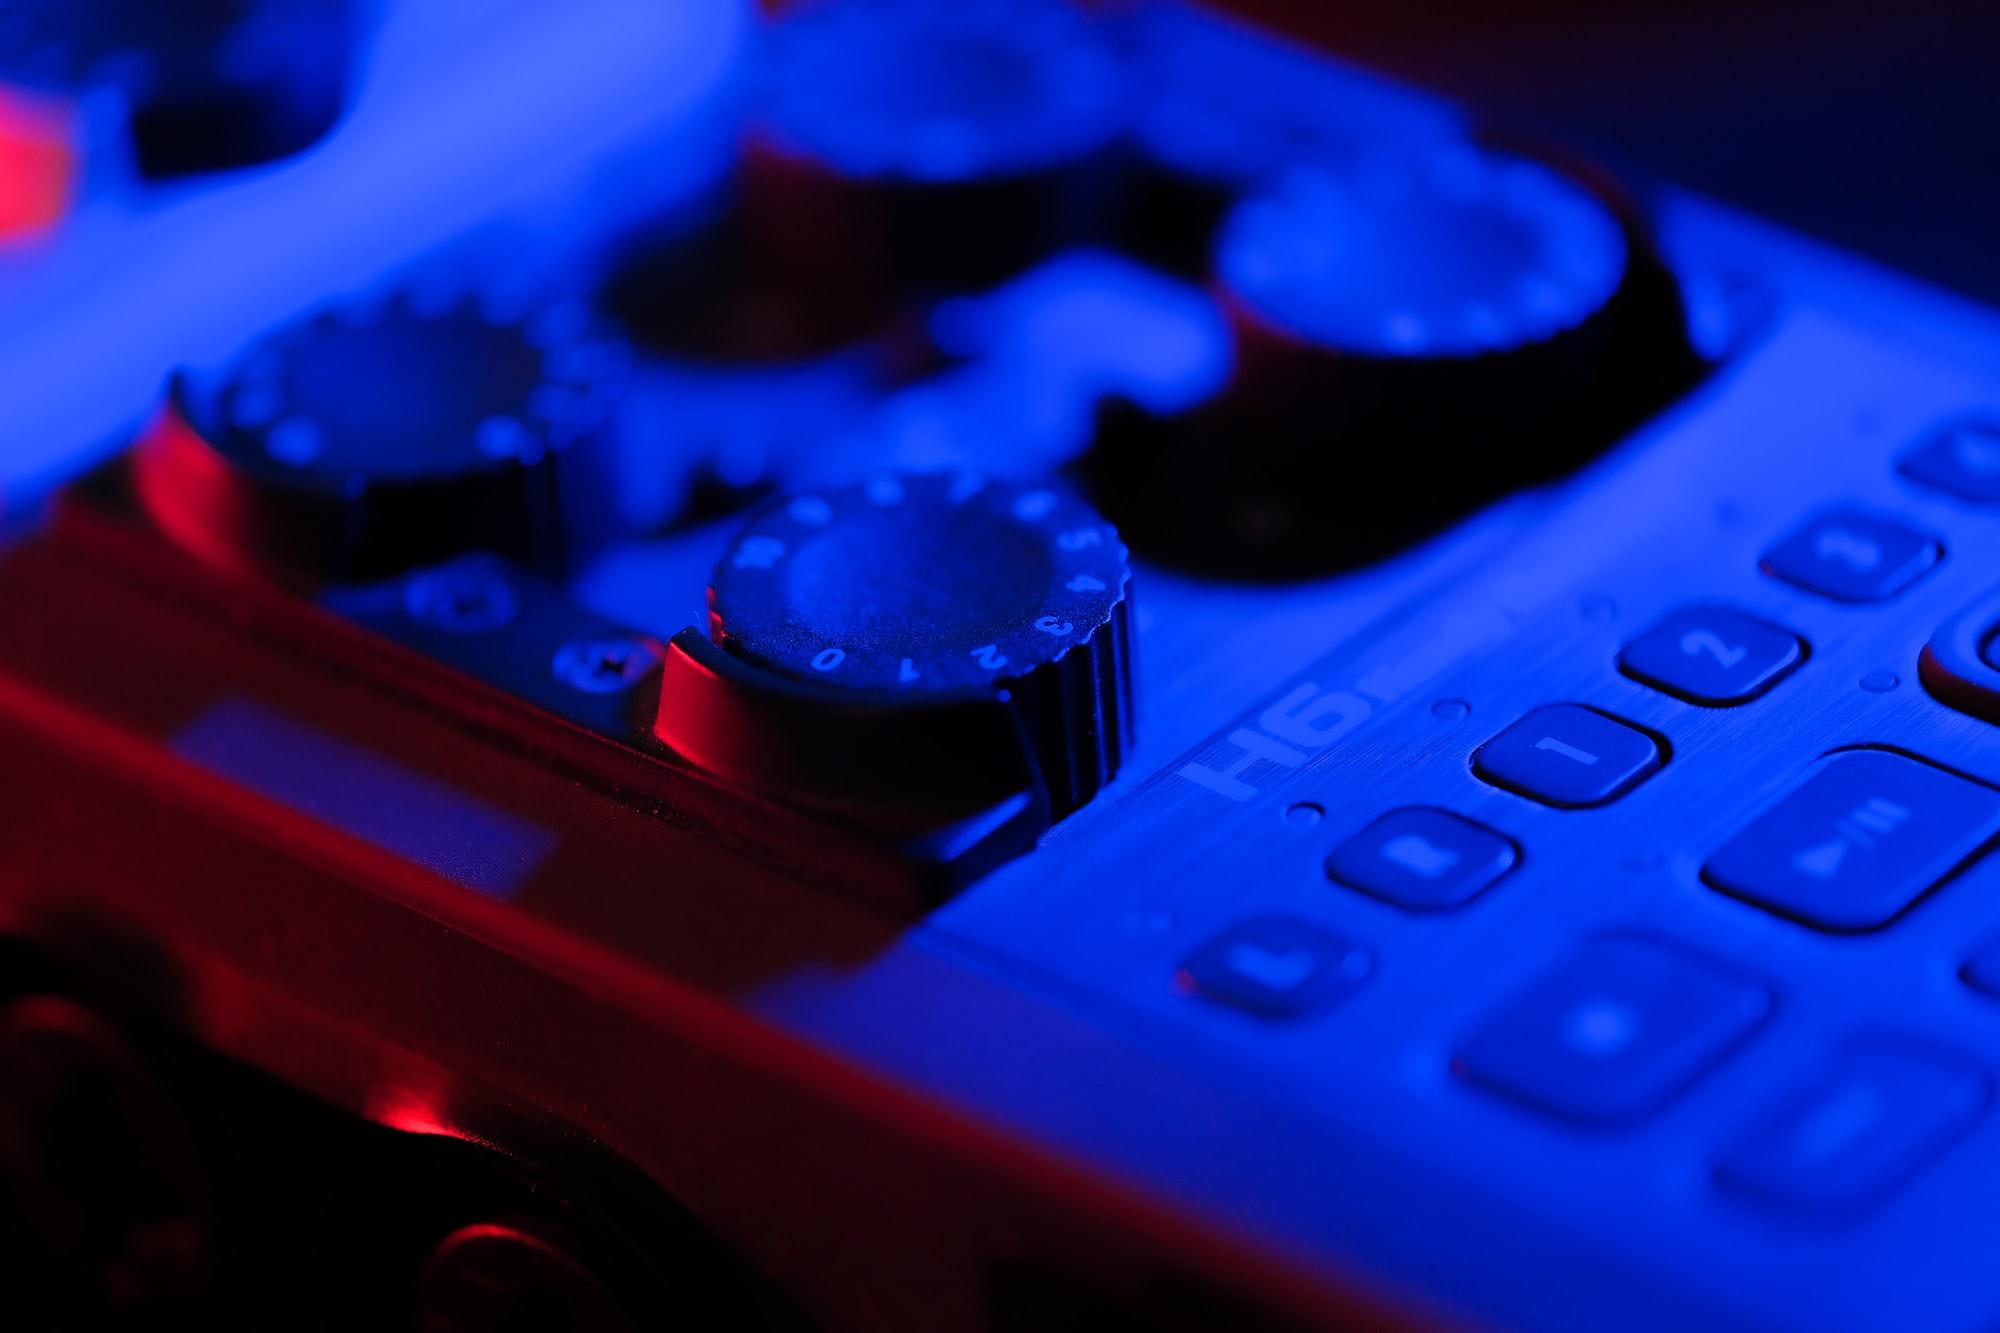 I migliori registratori vocali: quali scegliere per una buona registrazione